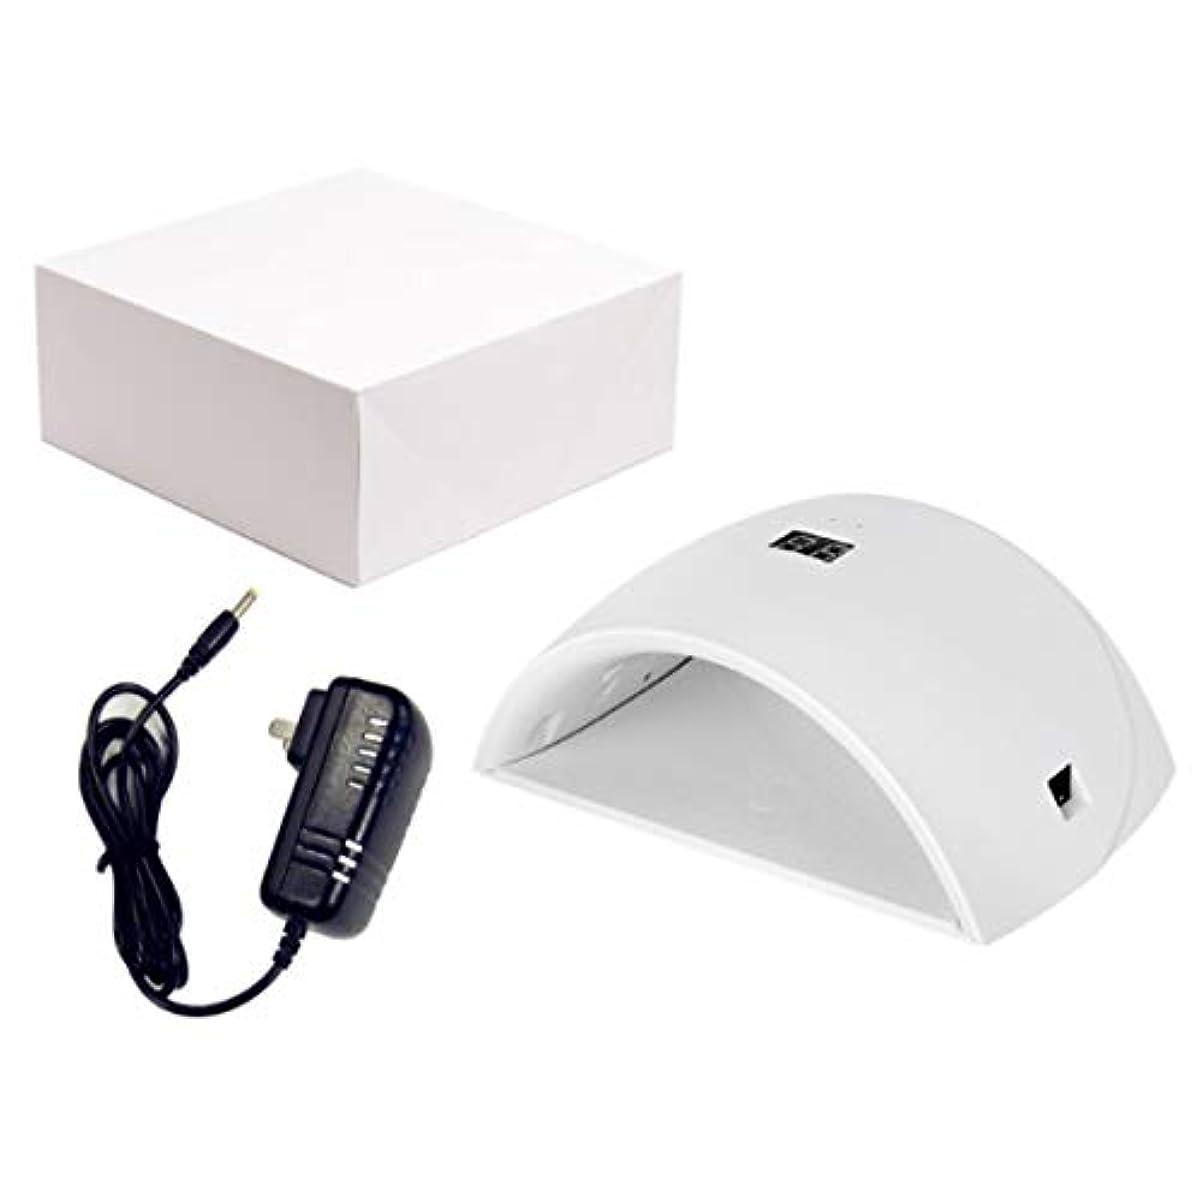 役に立たない卑しい病的UVネイルライト、ジェルベース研磨マニキュア/ペディキュア99s無痛モード用ポータブル36Wネイルドライヤー